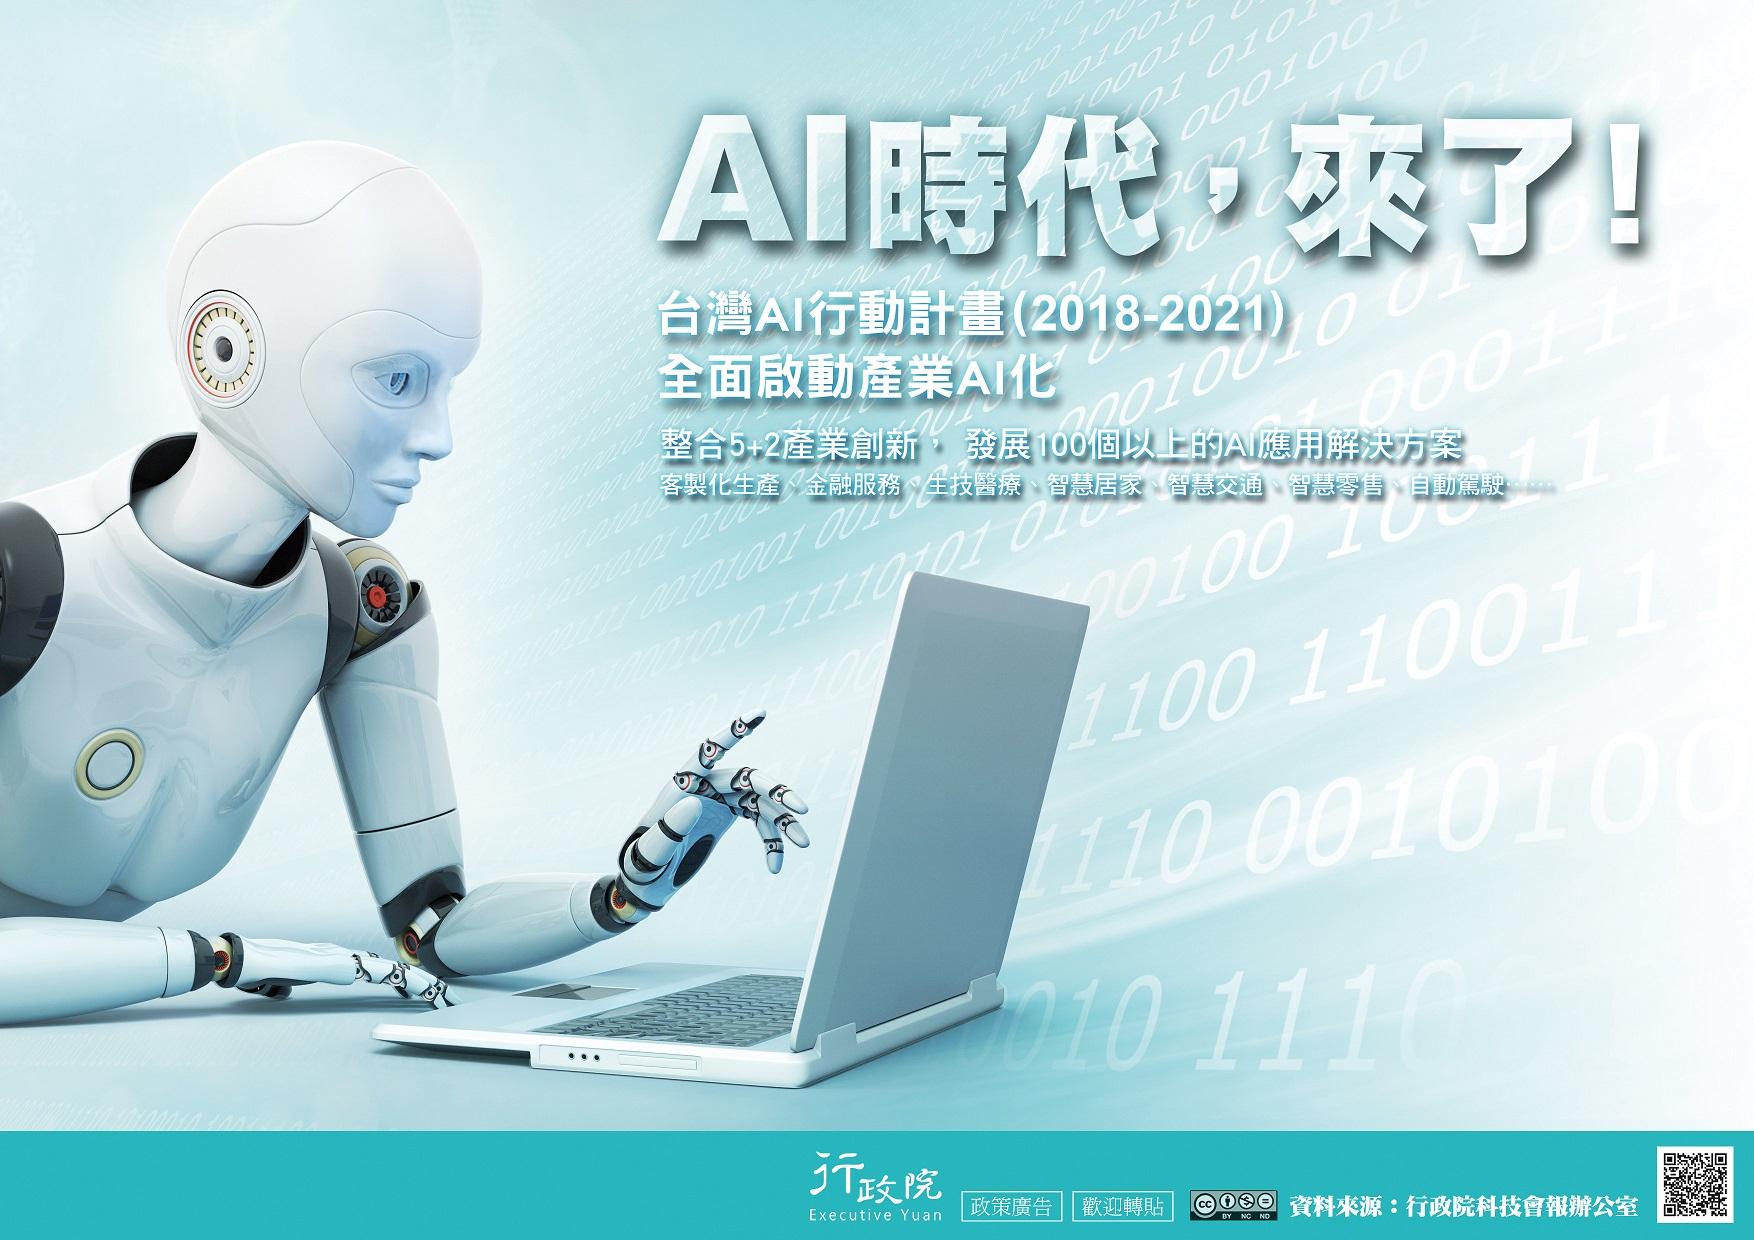 科技先趨-勞動部:12月底前在高雄成立「AI人才培訓前進基地」